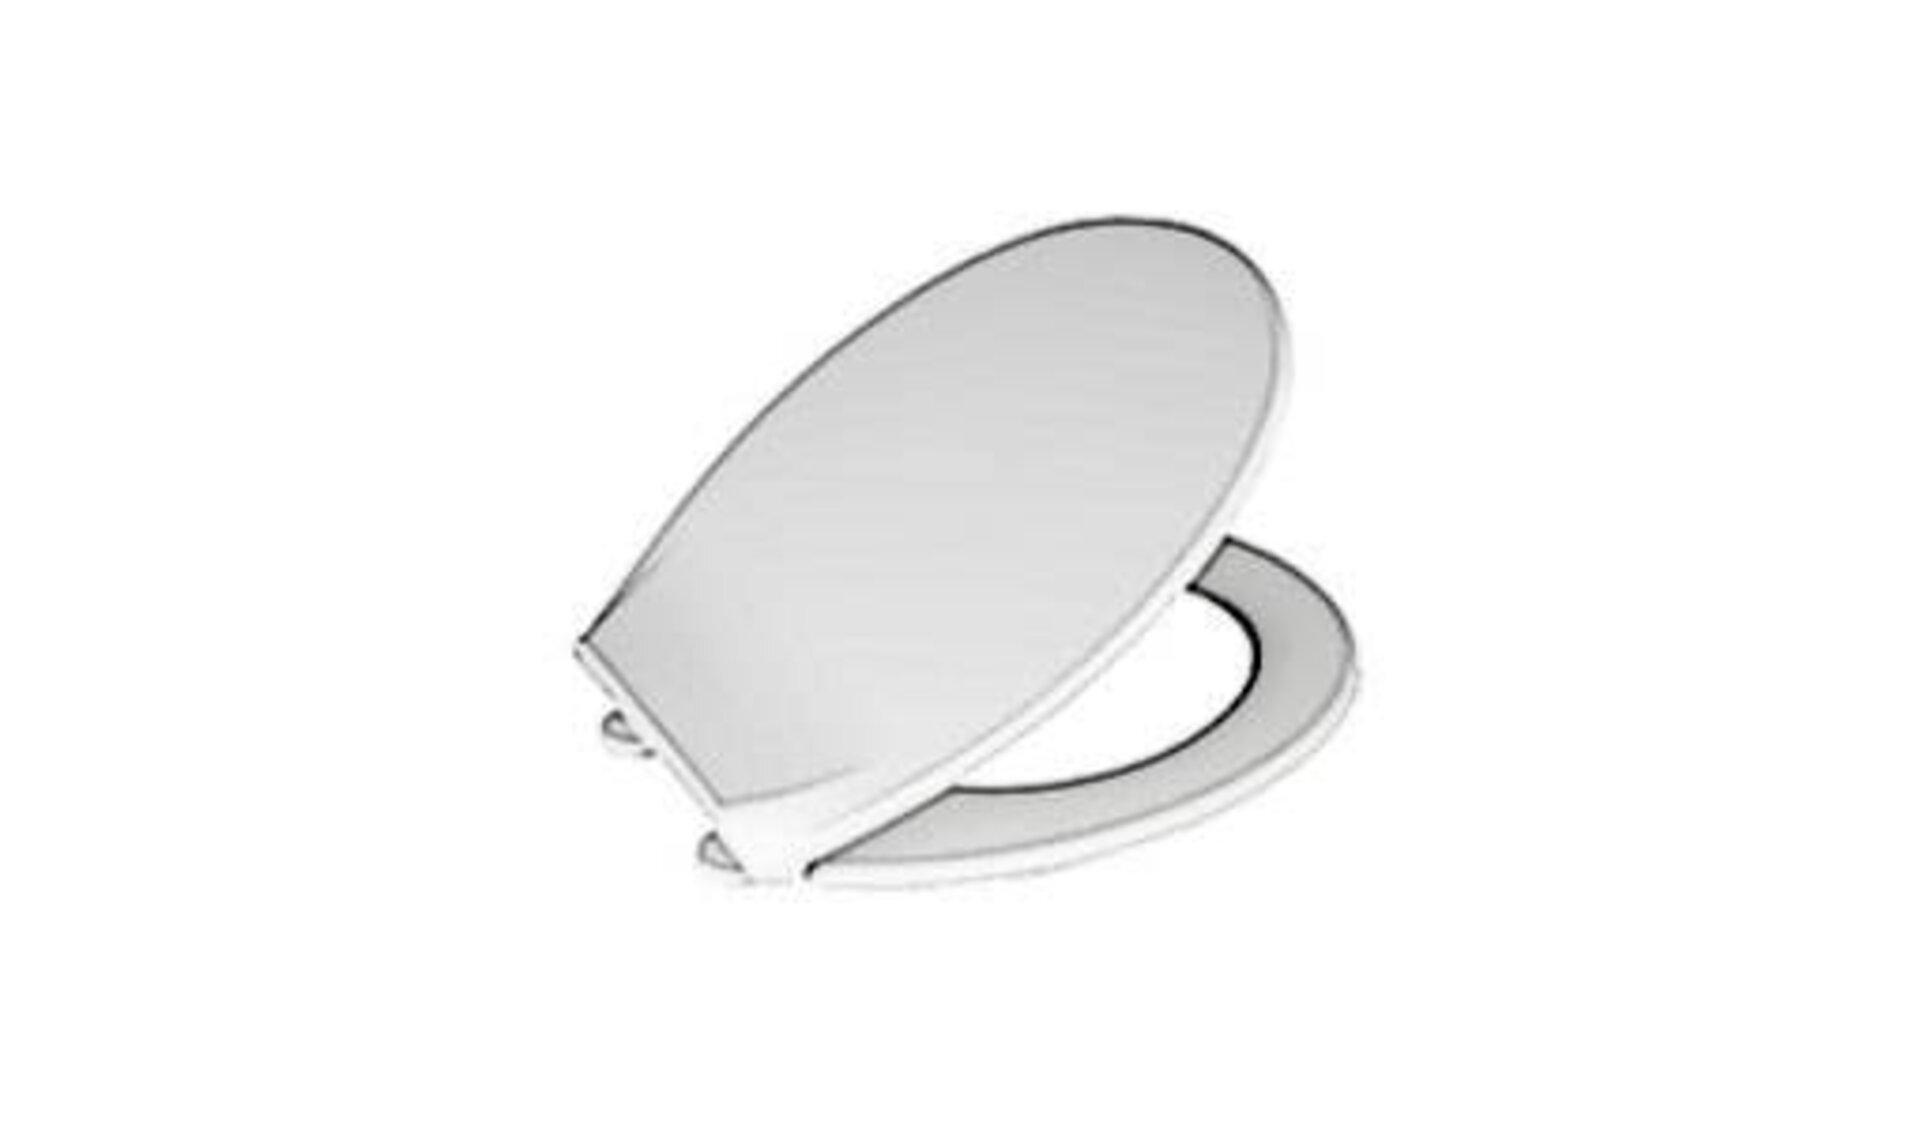 Als Icon für WC-Sitze zeigt das Bild eine Klobrille mit leicht geöffnetem Toilettendeckel.